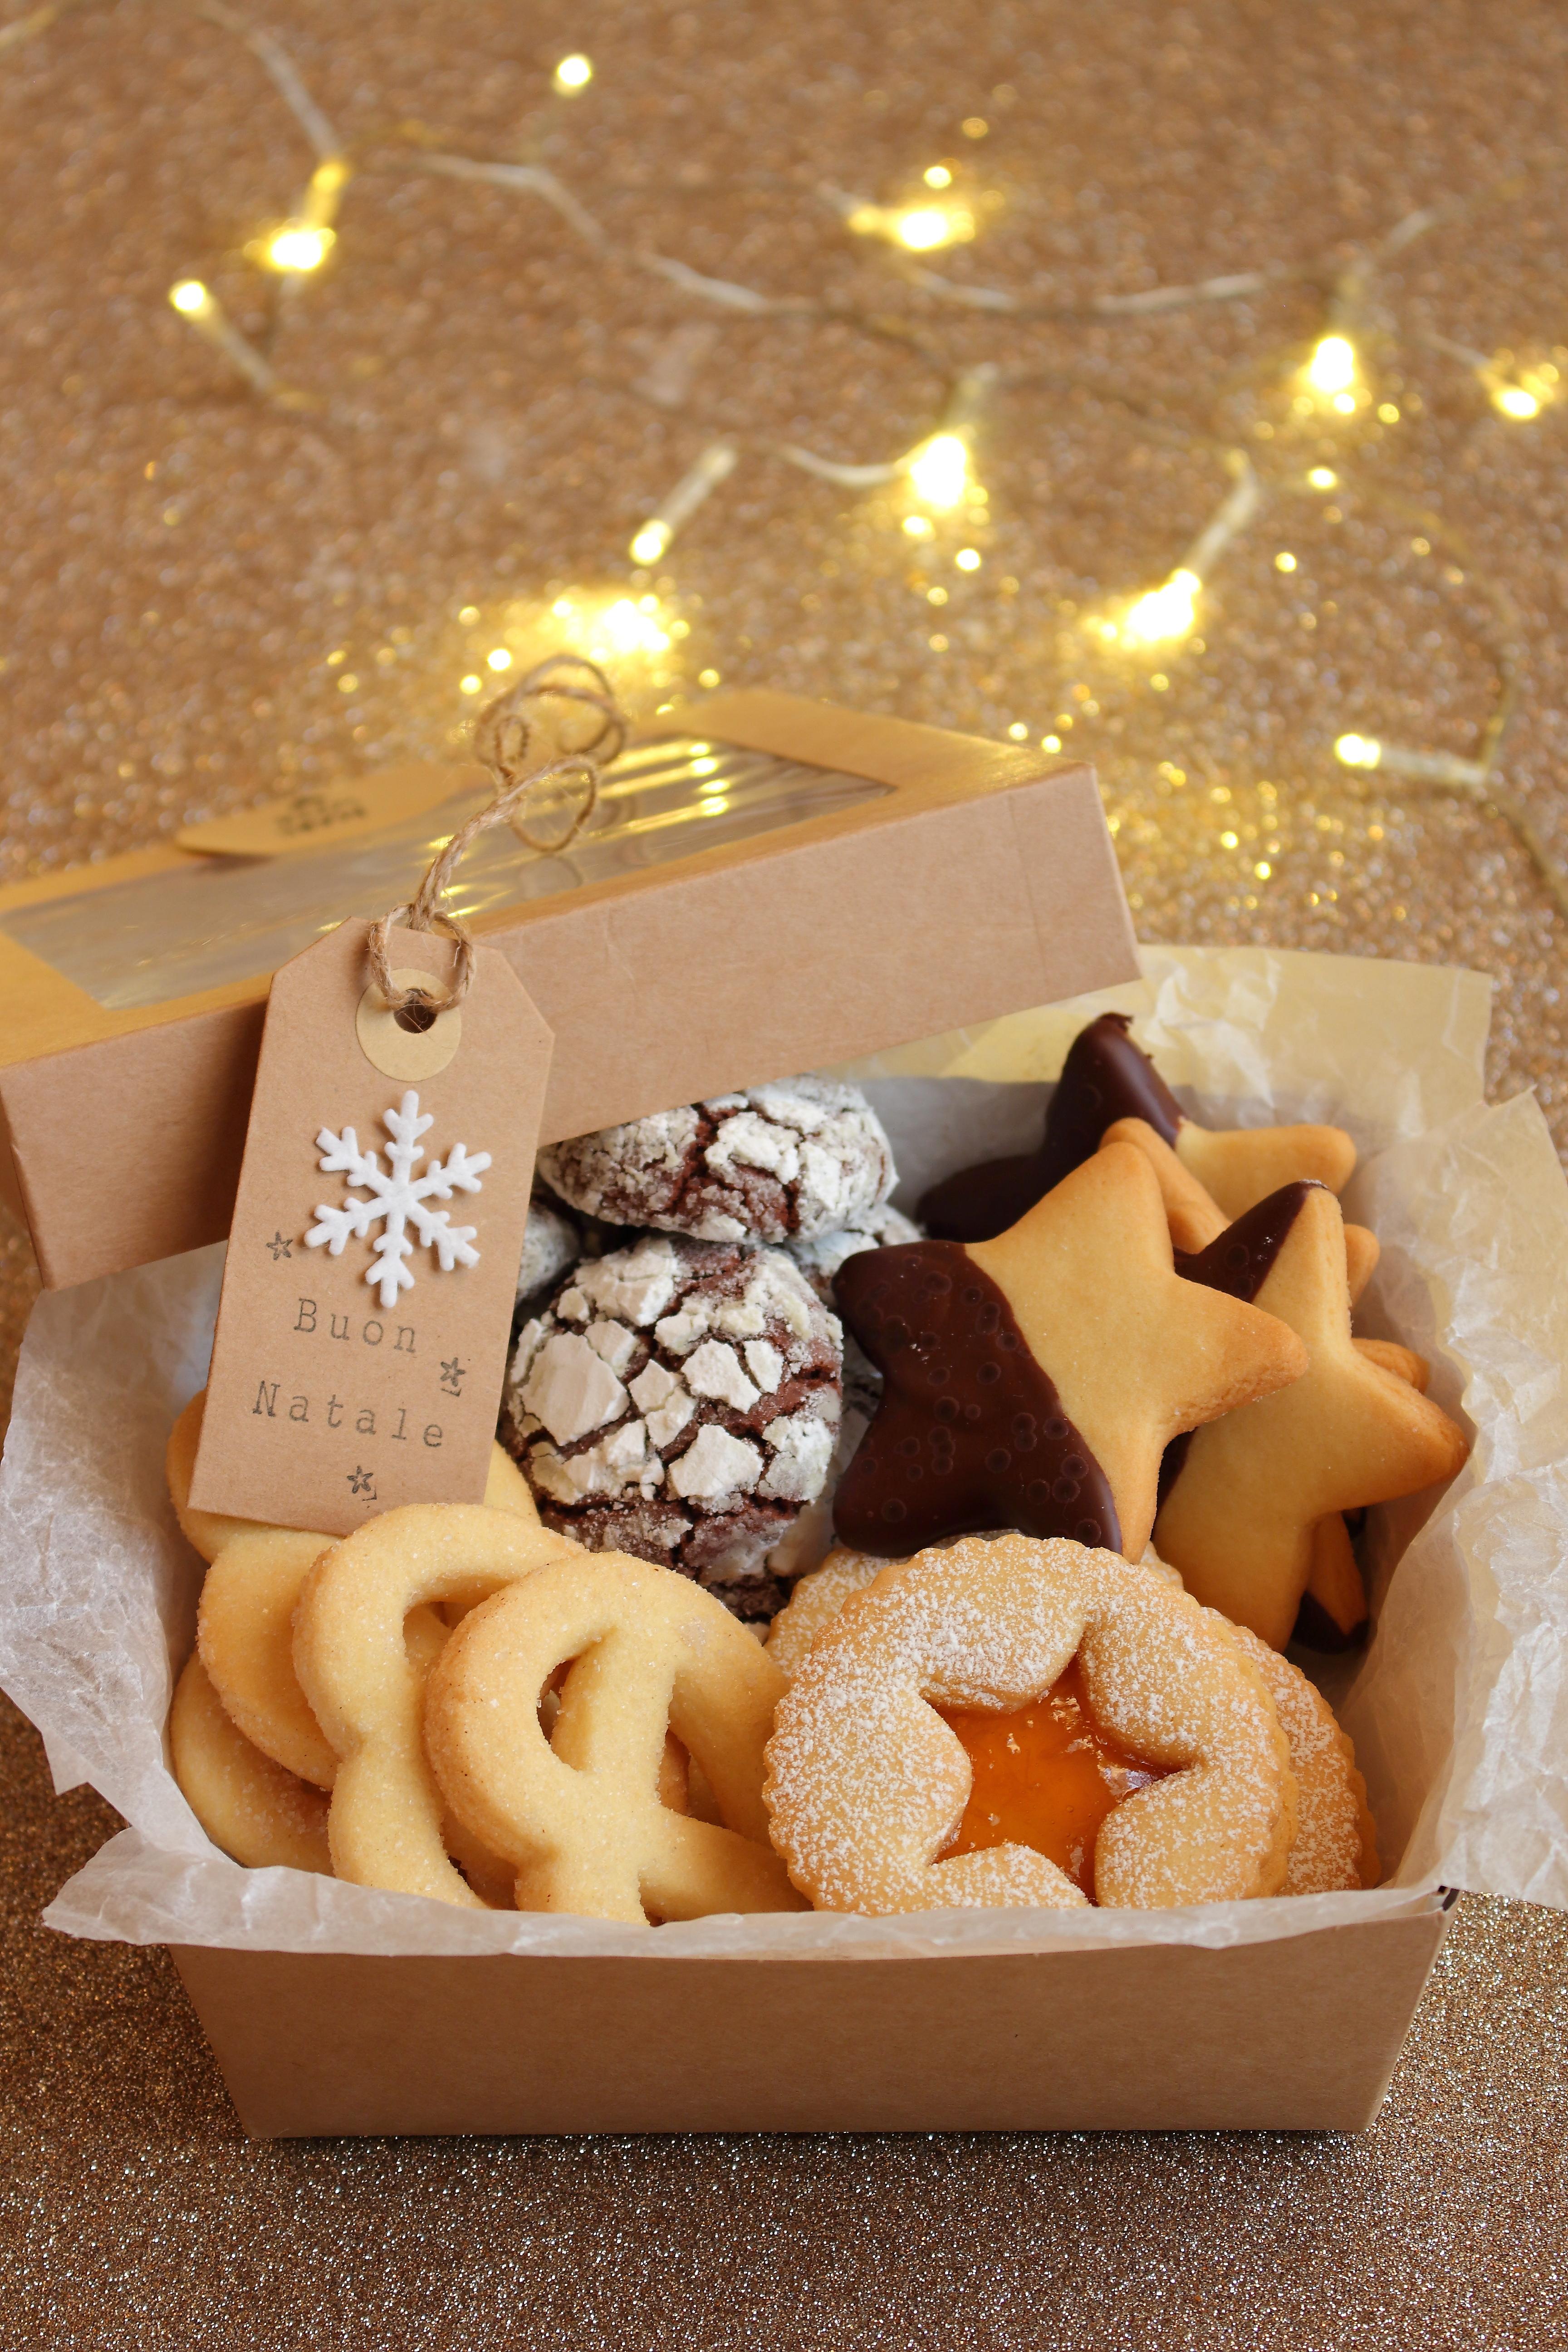 Biscotti Di Natale 1 Uovo.4 Idee Per I Biscotti Di Natale Da Regalare Cinnamon Lover Blog